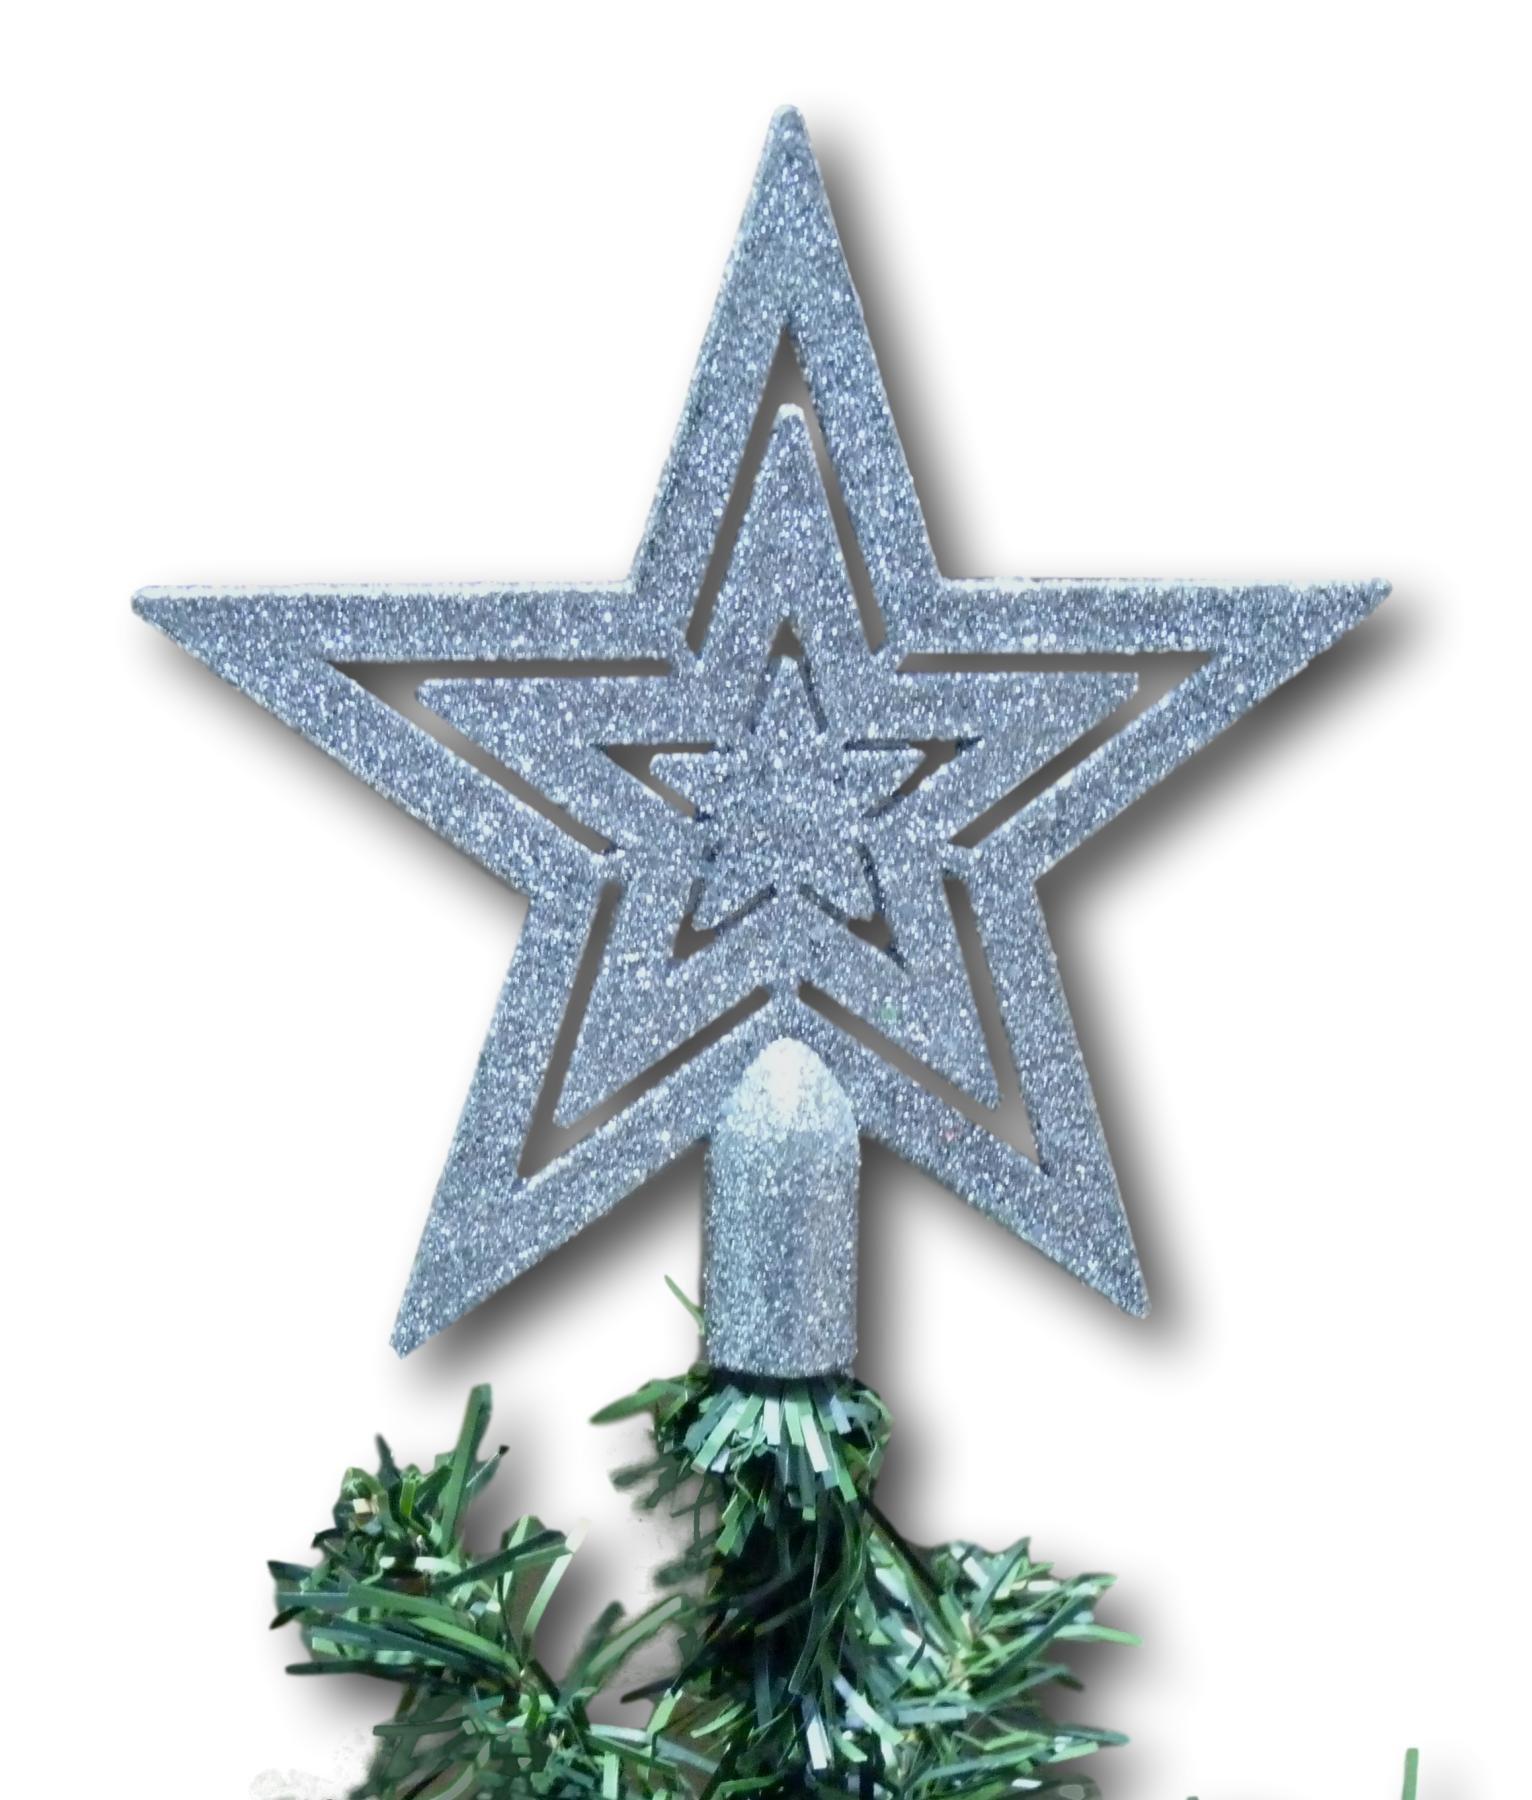 UrbanDesign-Weihnachtsbaumspitze-Baumspitze-Baumstern-Spitze-Stern-Baumschmuck-Weihnachtsbaum-Stern-Weihnachtsstern-Glitzer-Frost-Silber-Glitzer